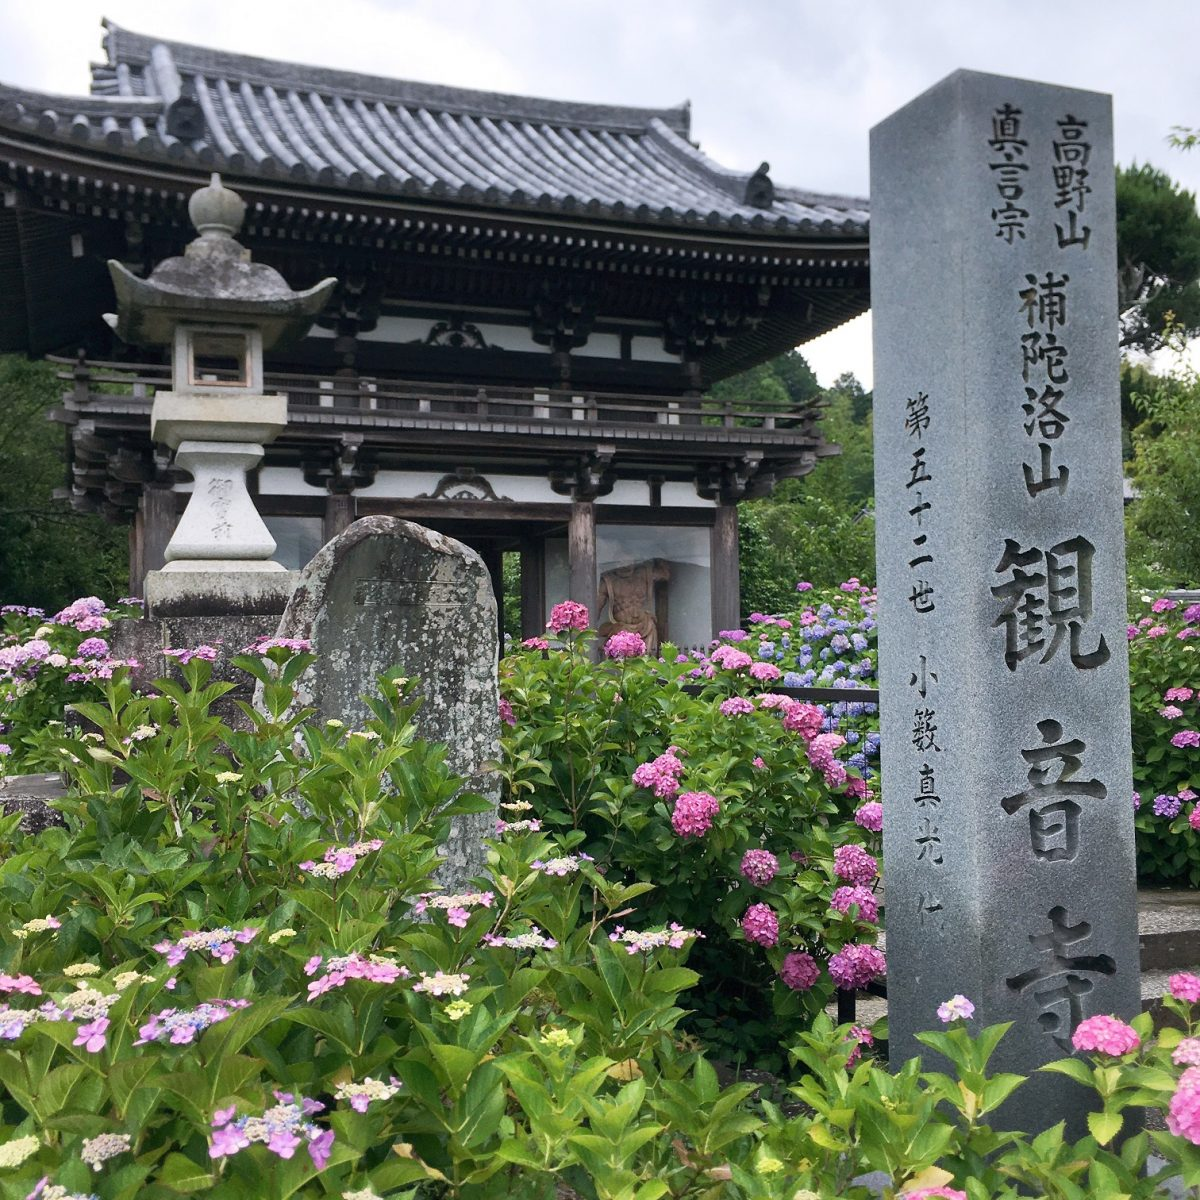 京都府福知山市(関西花の寺第一番 観音寺※あじさい寺)